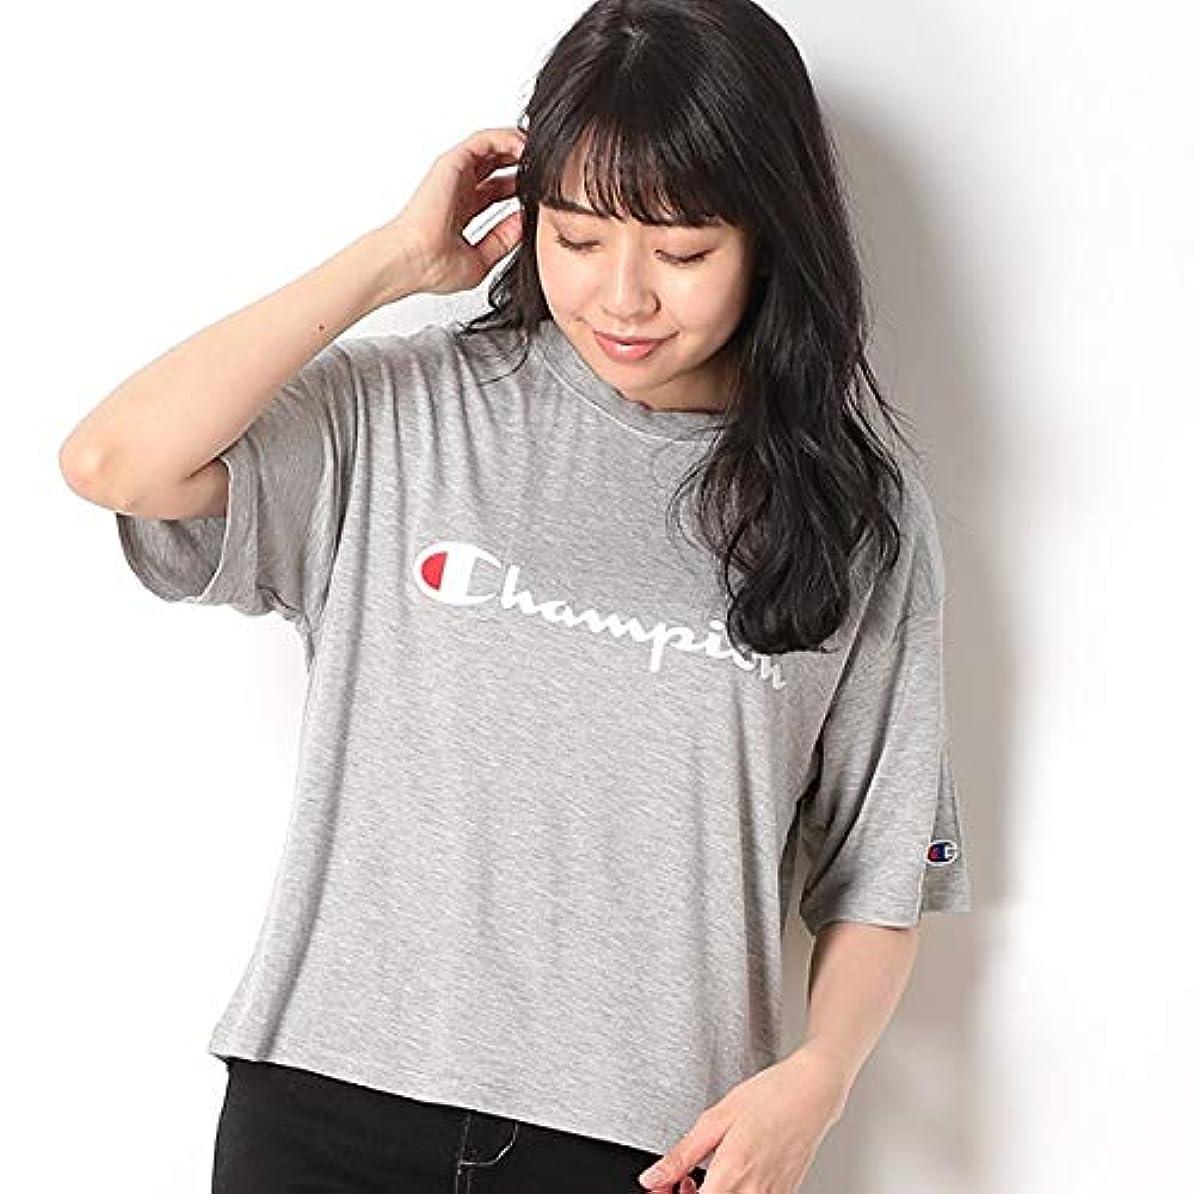 暖かくガソリン画家チャンピオン(Champion) 【Champion】【19SS】Tシャツ